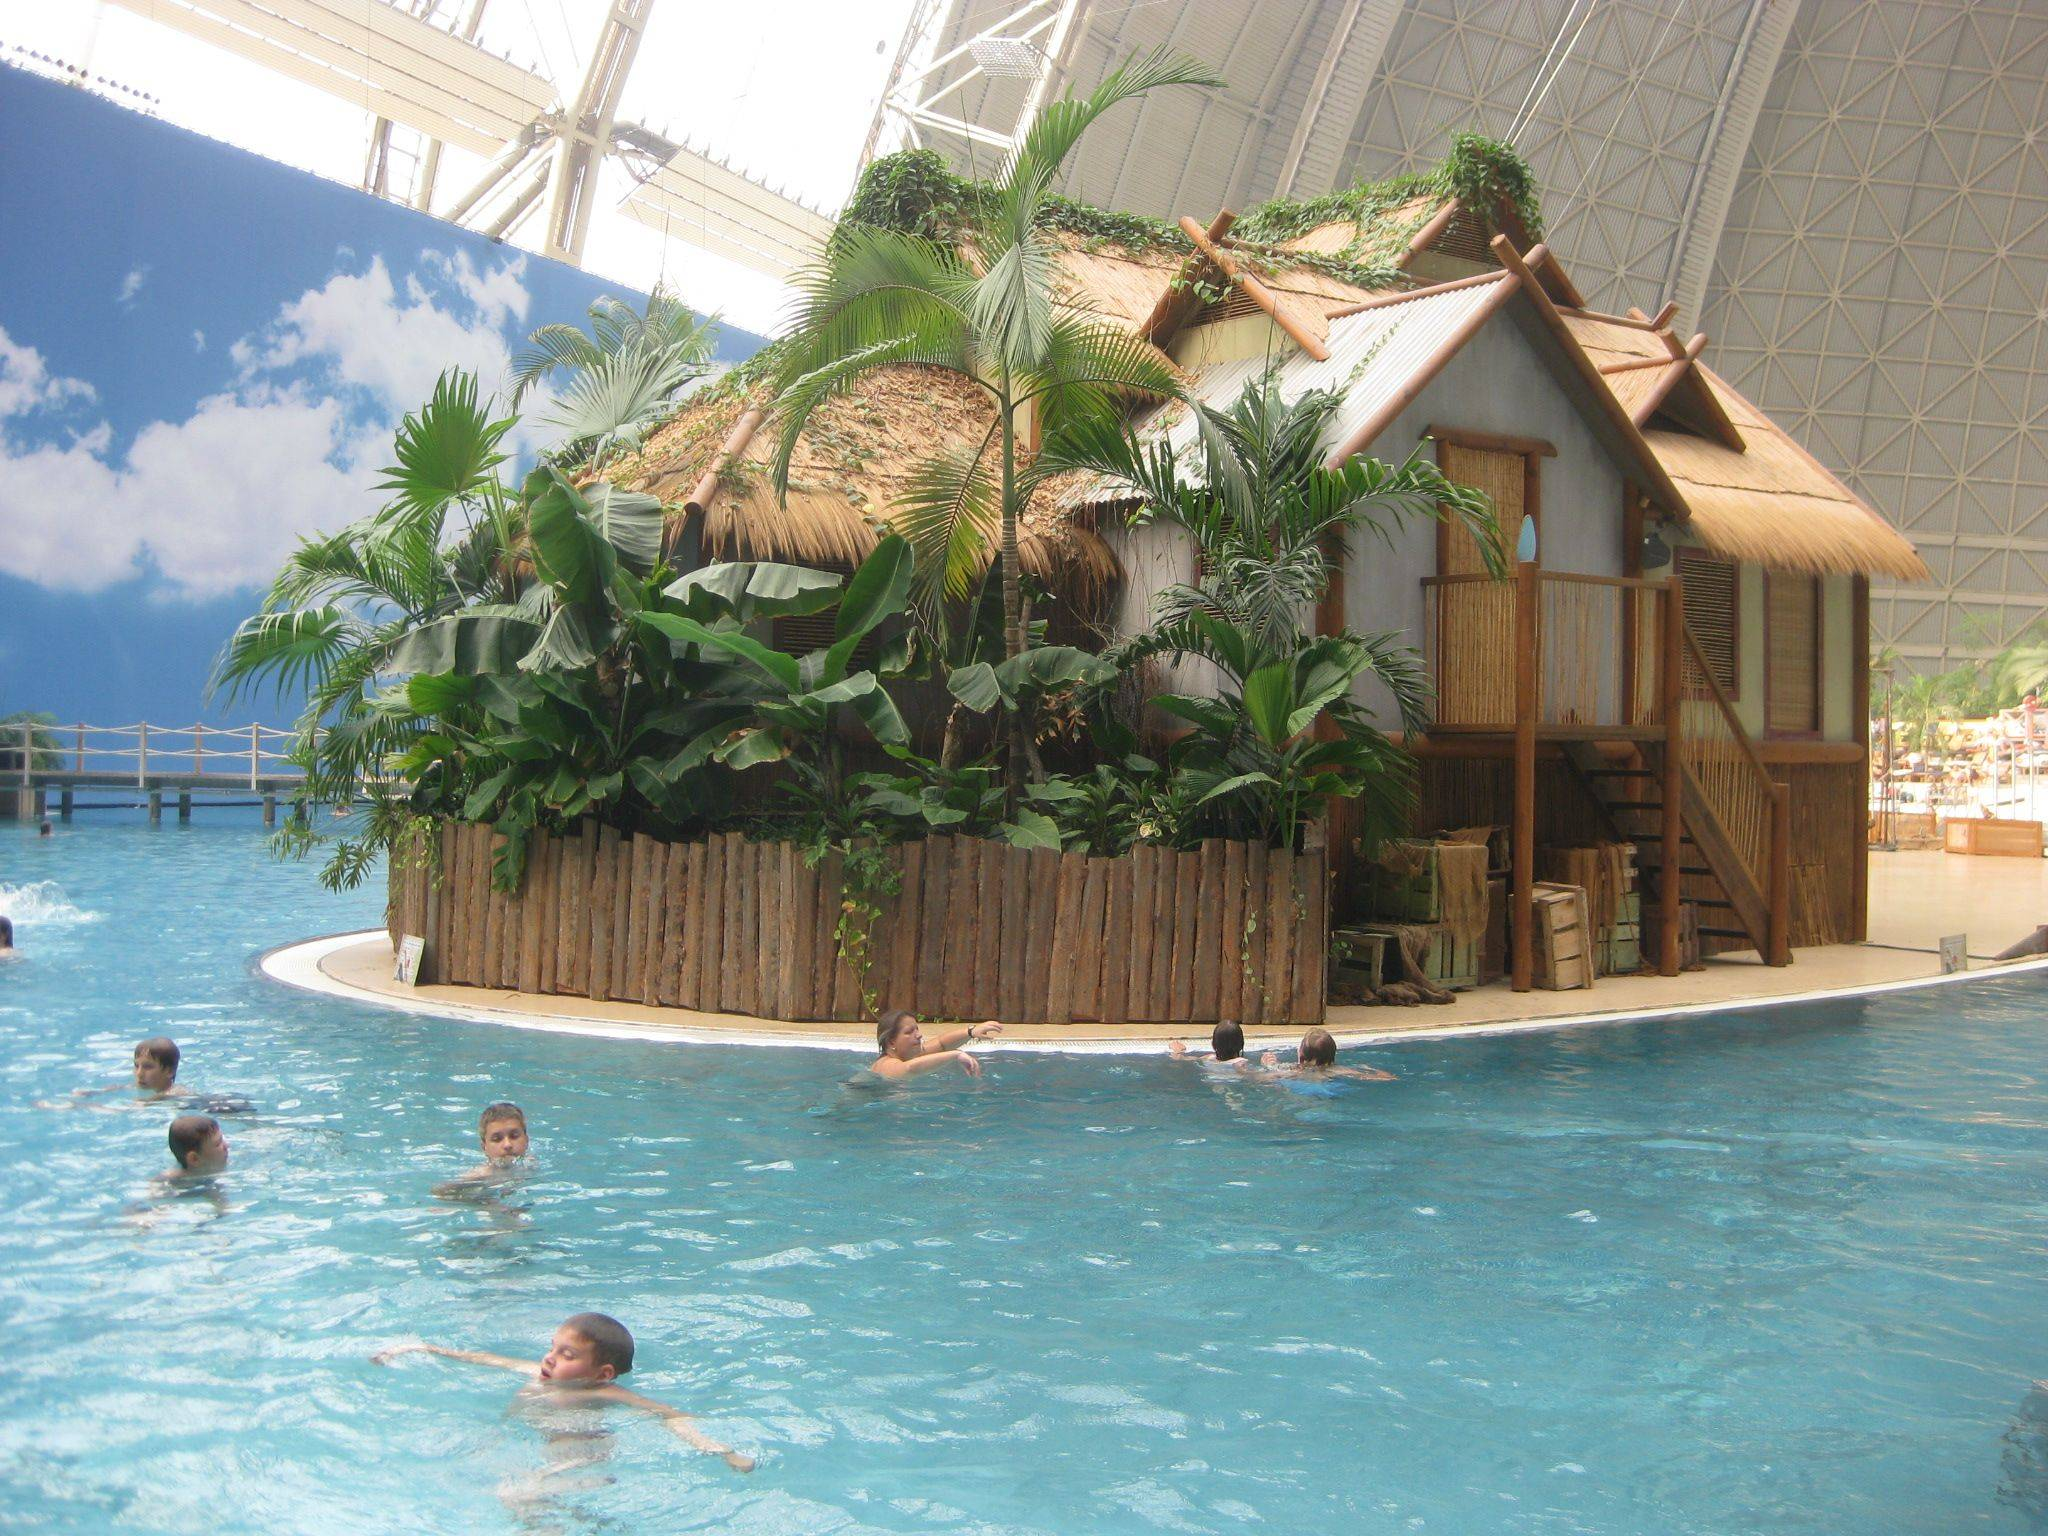 Парк тропические острова, tropical islands, берлин, германия. отели рядом, аквапарк, цена, сайт, фото, видео, как добраться – туристер.ру